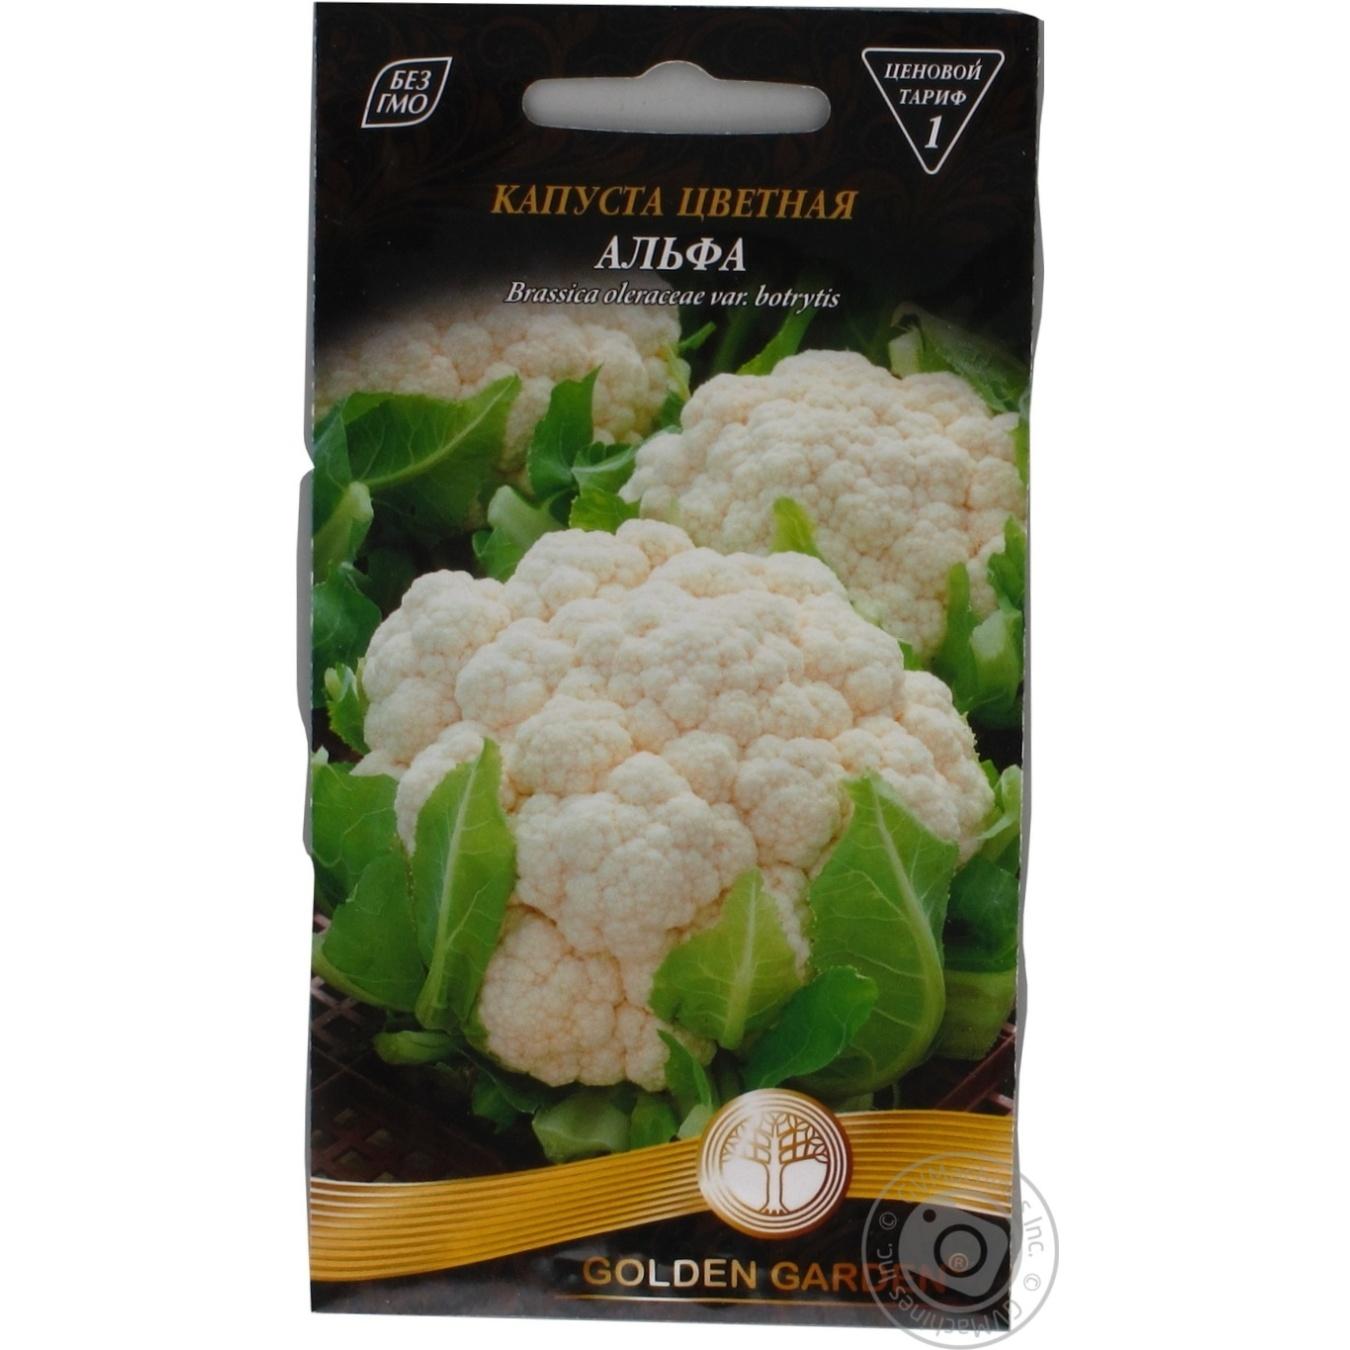 Насіння Капуста цвітна Альфа Golden Garden 0 6831f95455f45